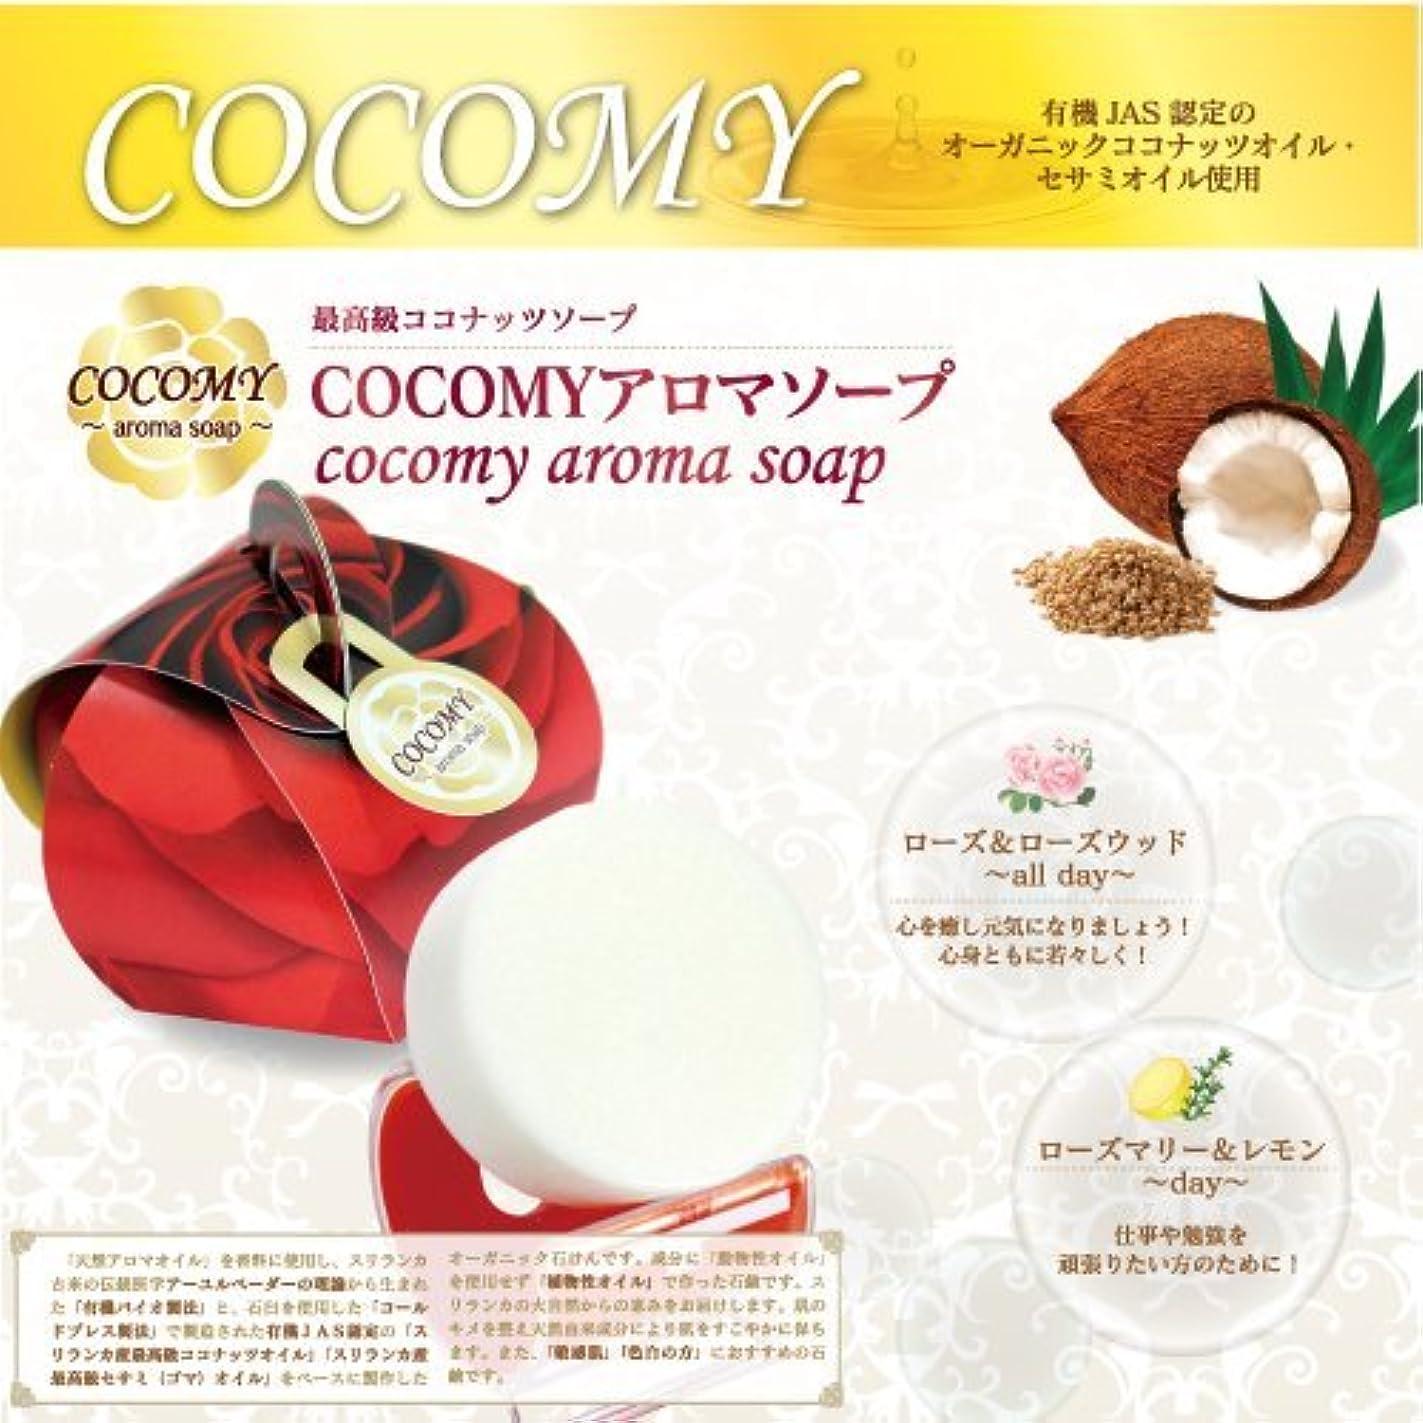 批判的冷える測るCOCOMY aromaソープ 4個セット (ローズマリー&レモン)(ローズ&ローズウッド) 40g×各2